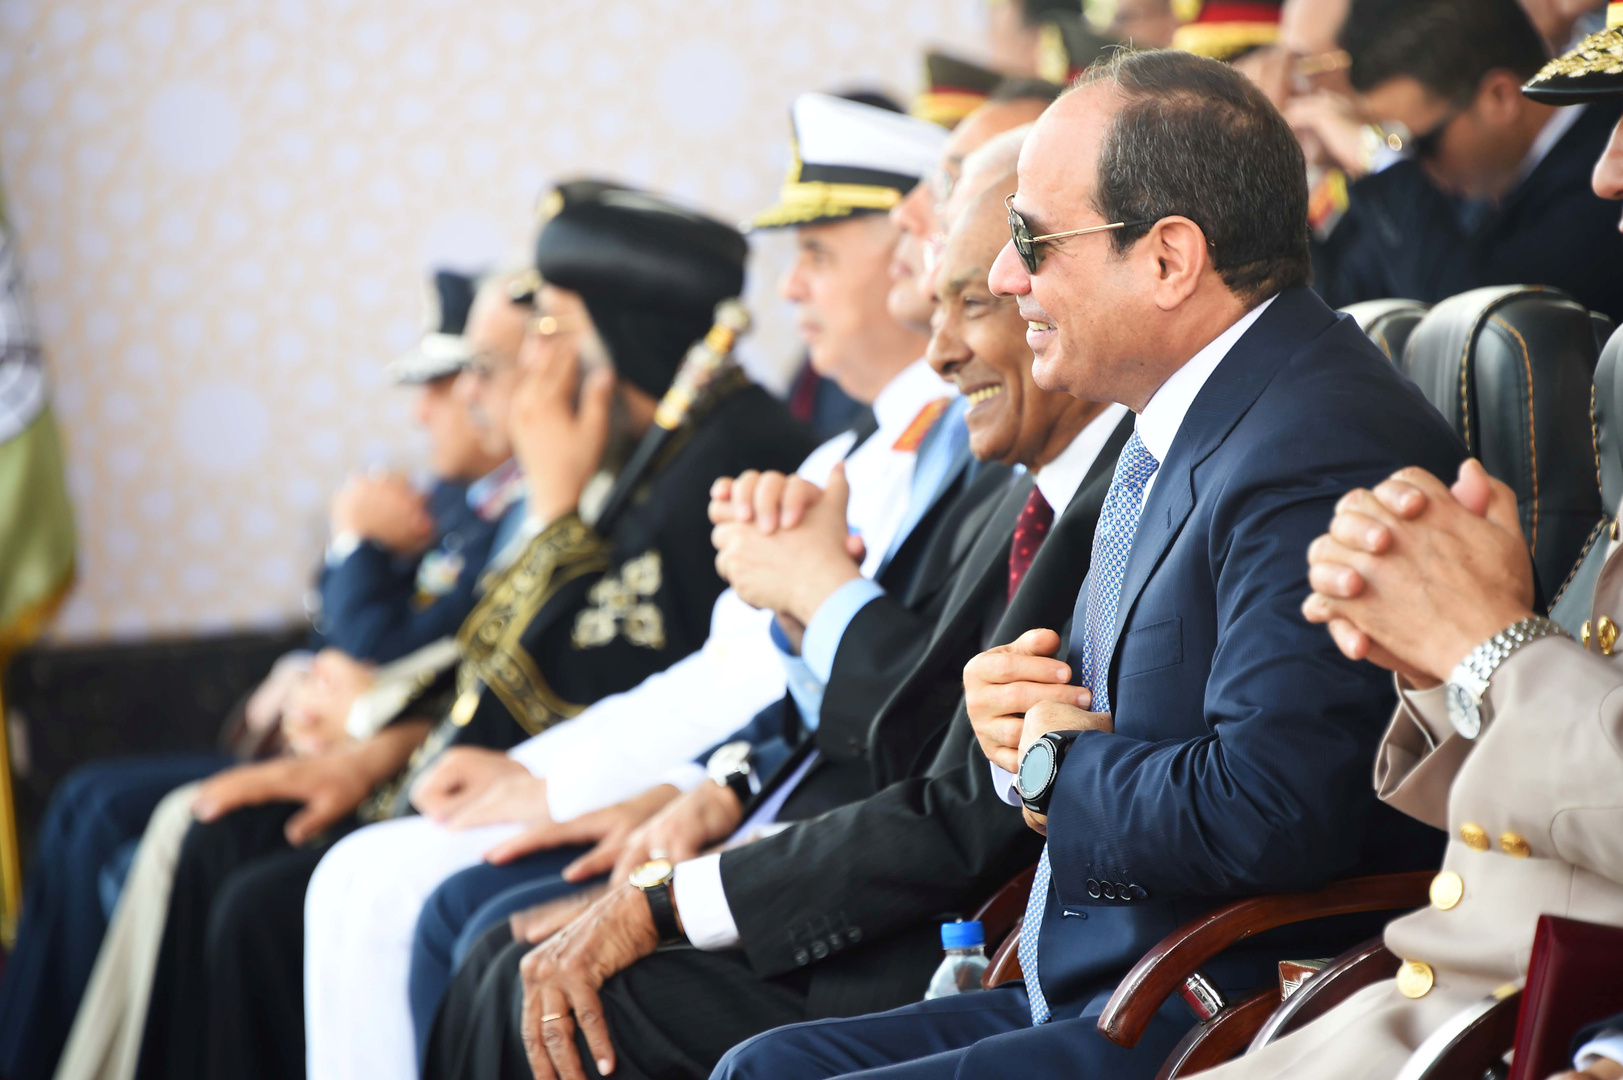 مصر تصدر بيانا بشأن أسعار البنزين في البلاد بعد قرار للسيسي